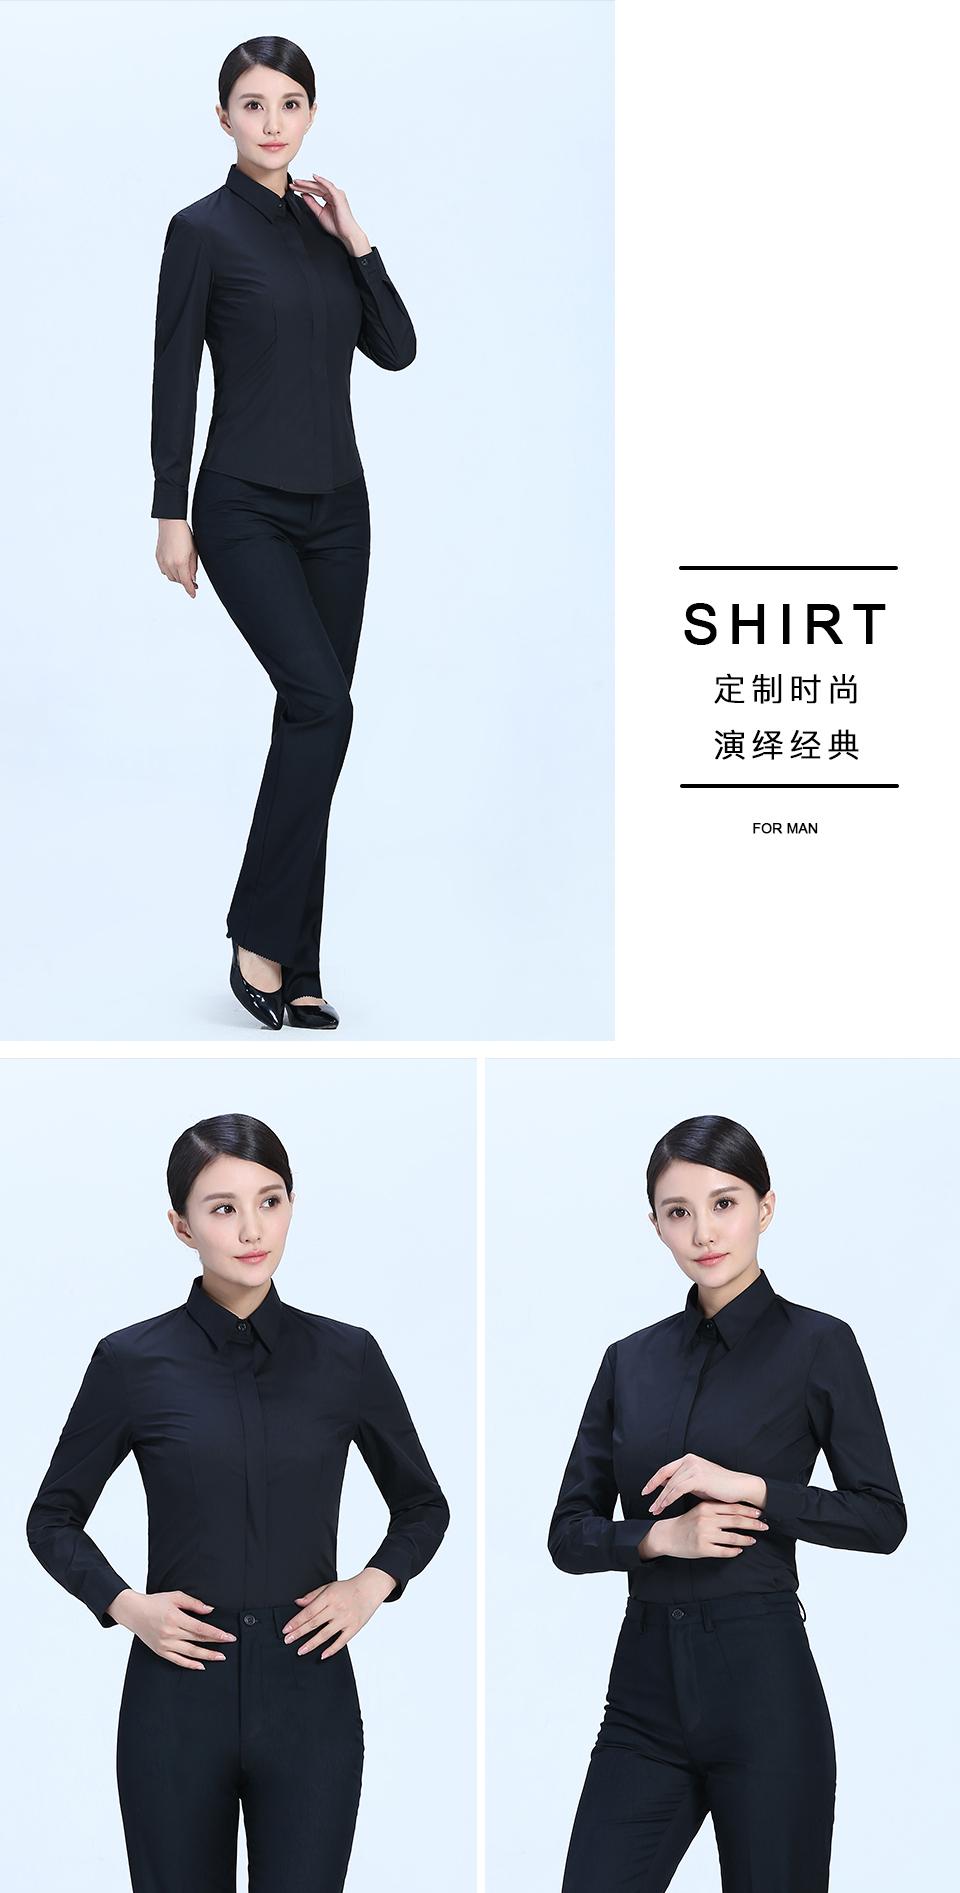 衬衫黑色女黑色暗扣商务西服长袖衬衫